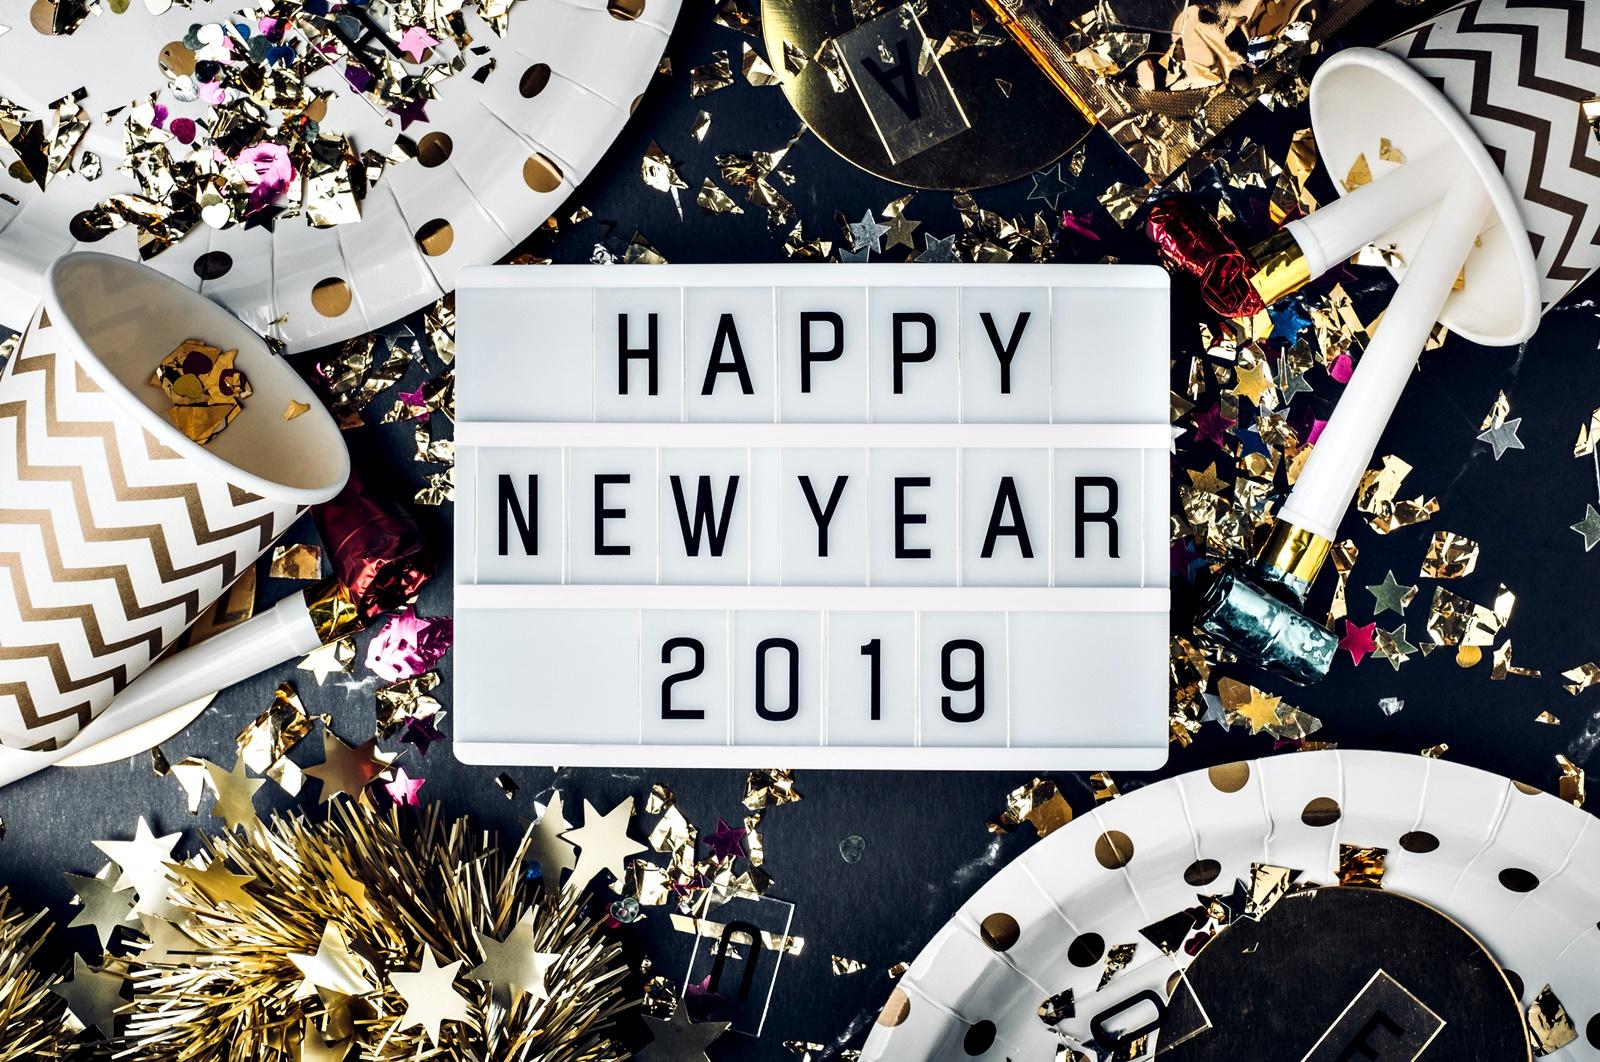 Фокусирайте се върху бъдещето<br /> Това съвсем не означава да живеете в бъдещето, игнорирайки настоящето. Идеята е да се фокусирате върху това, което имате и ви предстои, а не това, което сте изгубили през 2018 г. Може би годината не е била толкова добра за вас. Може би се чувствате изтощени и сломени. Може би празниците ви няма да са същите като през изминалите години. Всичко това обаче не трябва непременно да бъде нещо лошо. Вие сте дишащи същества, здраво стъпили на краката си, и може да продължите напред, взимайки си поука от горчивия опит. Новите традиции могат да бъдат също толкова хубави, колкото и старите.